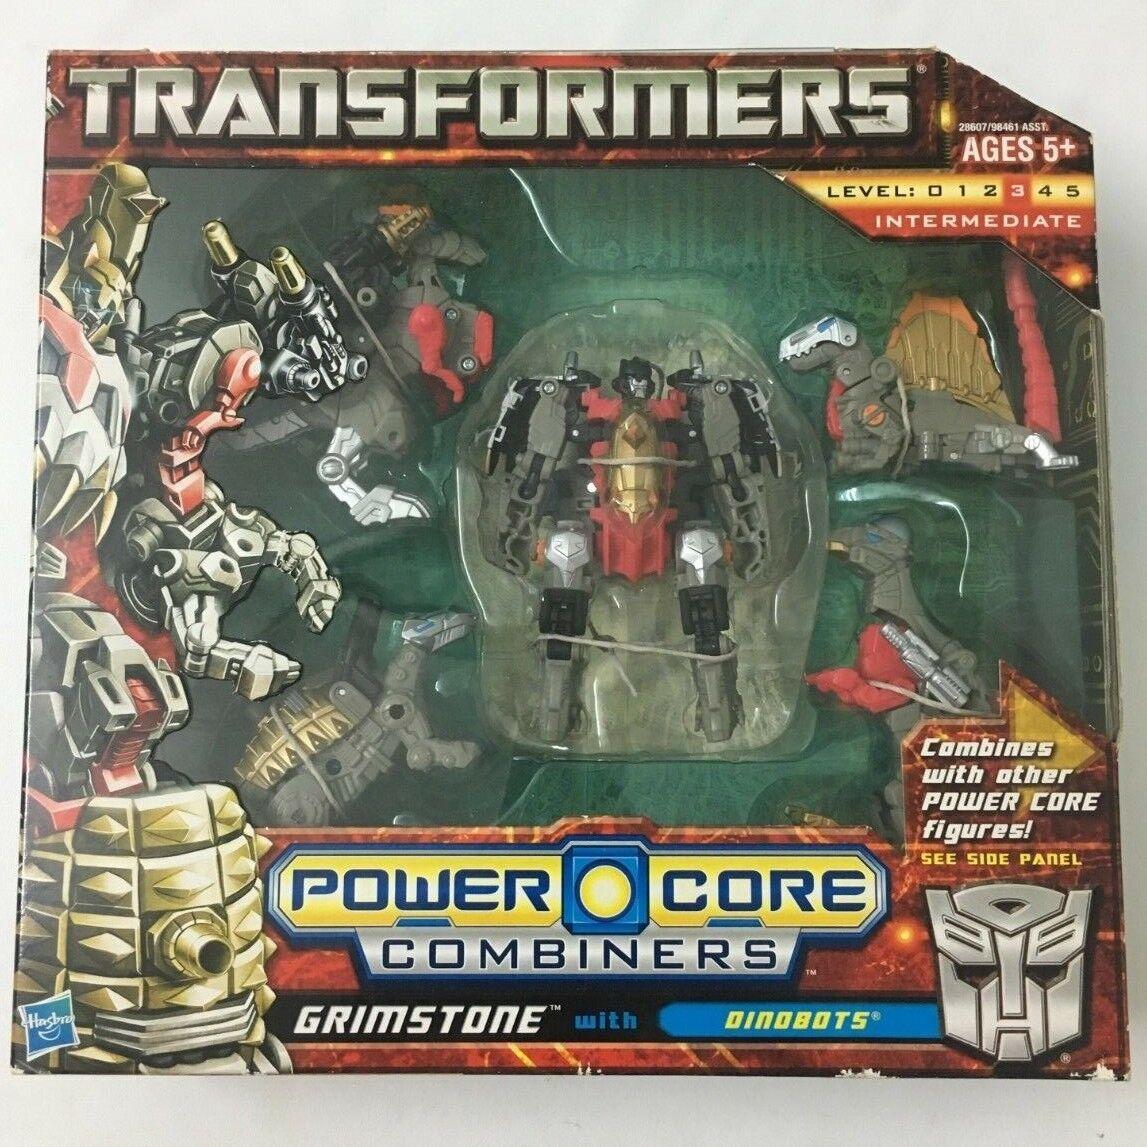 Transformatoren energiekern powercore combiners krieg grimstone mit dinobots misb